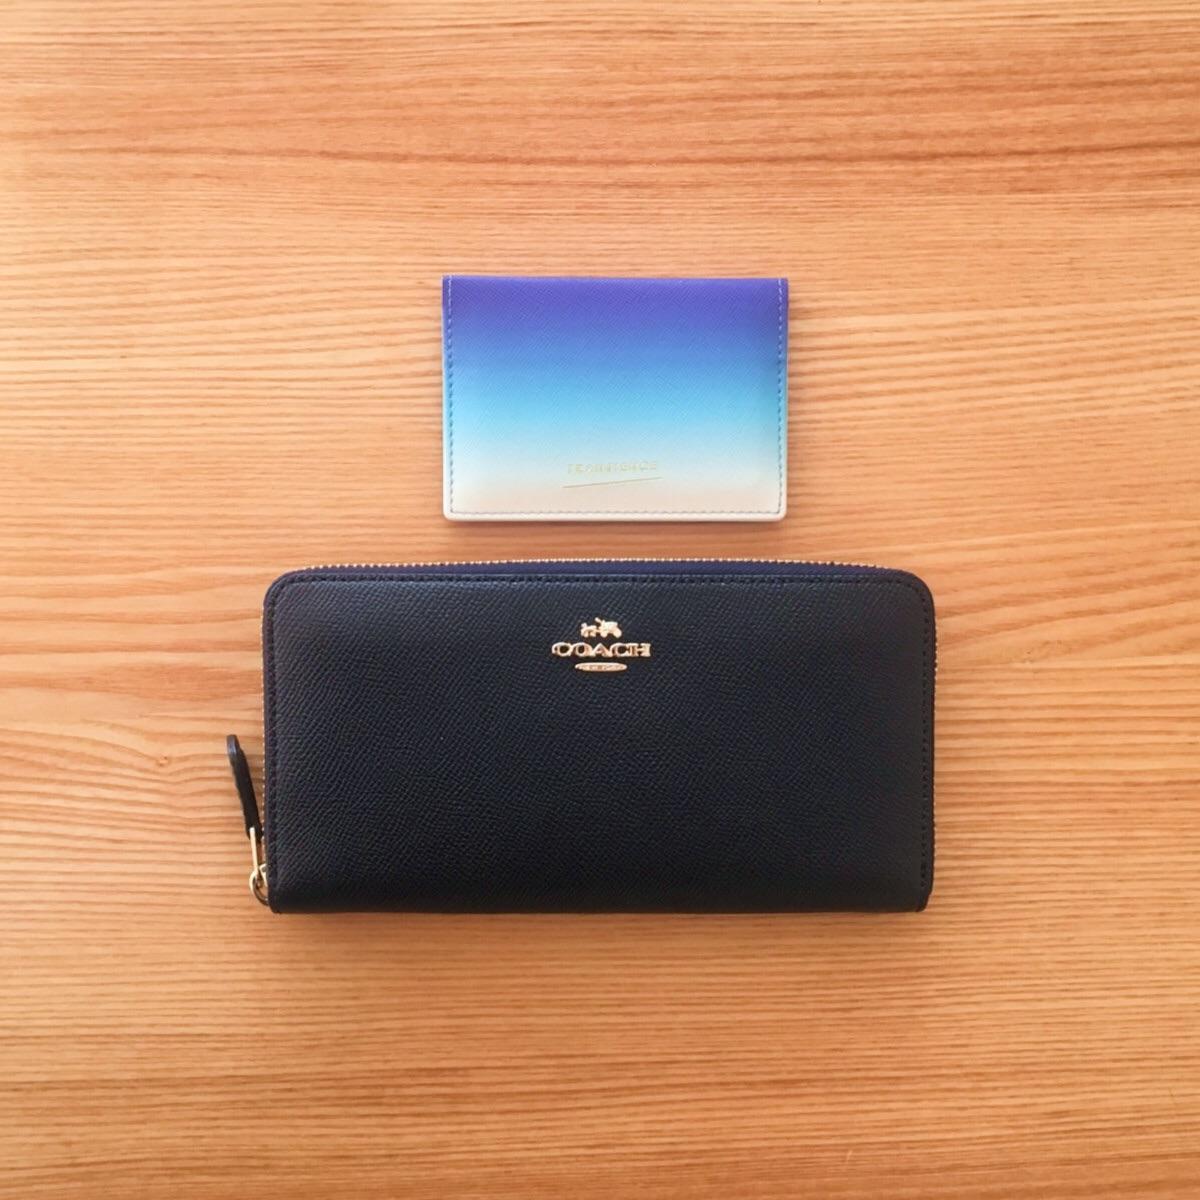 ミニマリストの考える最もミニマルな財布のかたちは、長財布プラスカードケース